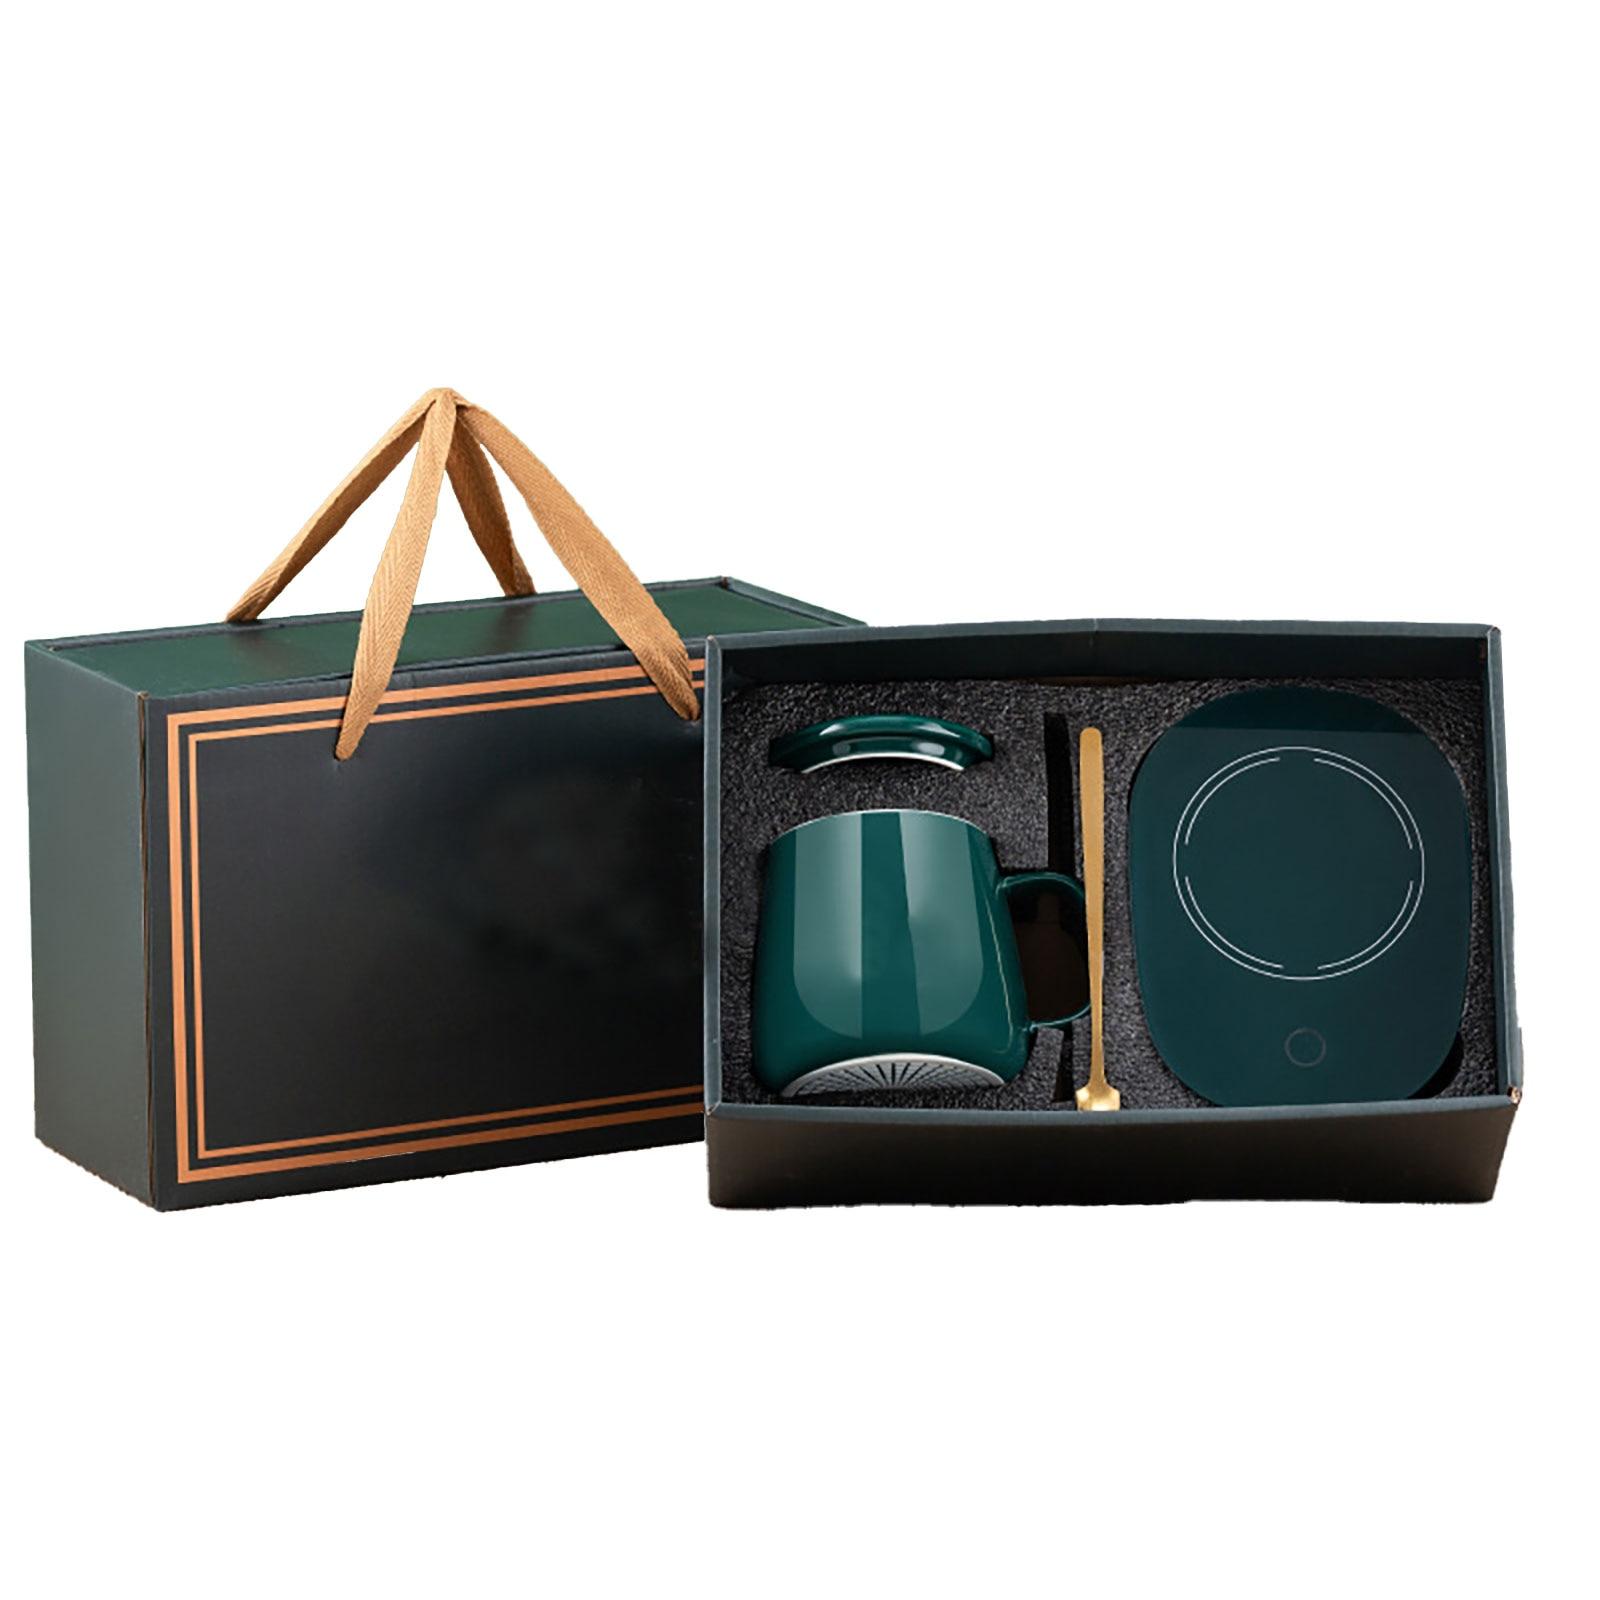 كوب كهربائي دفئا مجموعة المحمولة سطح المكتب مسند للكوب وسادة سخان يسهل حملها ل حليب الشاي القهوة